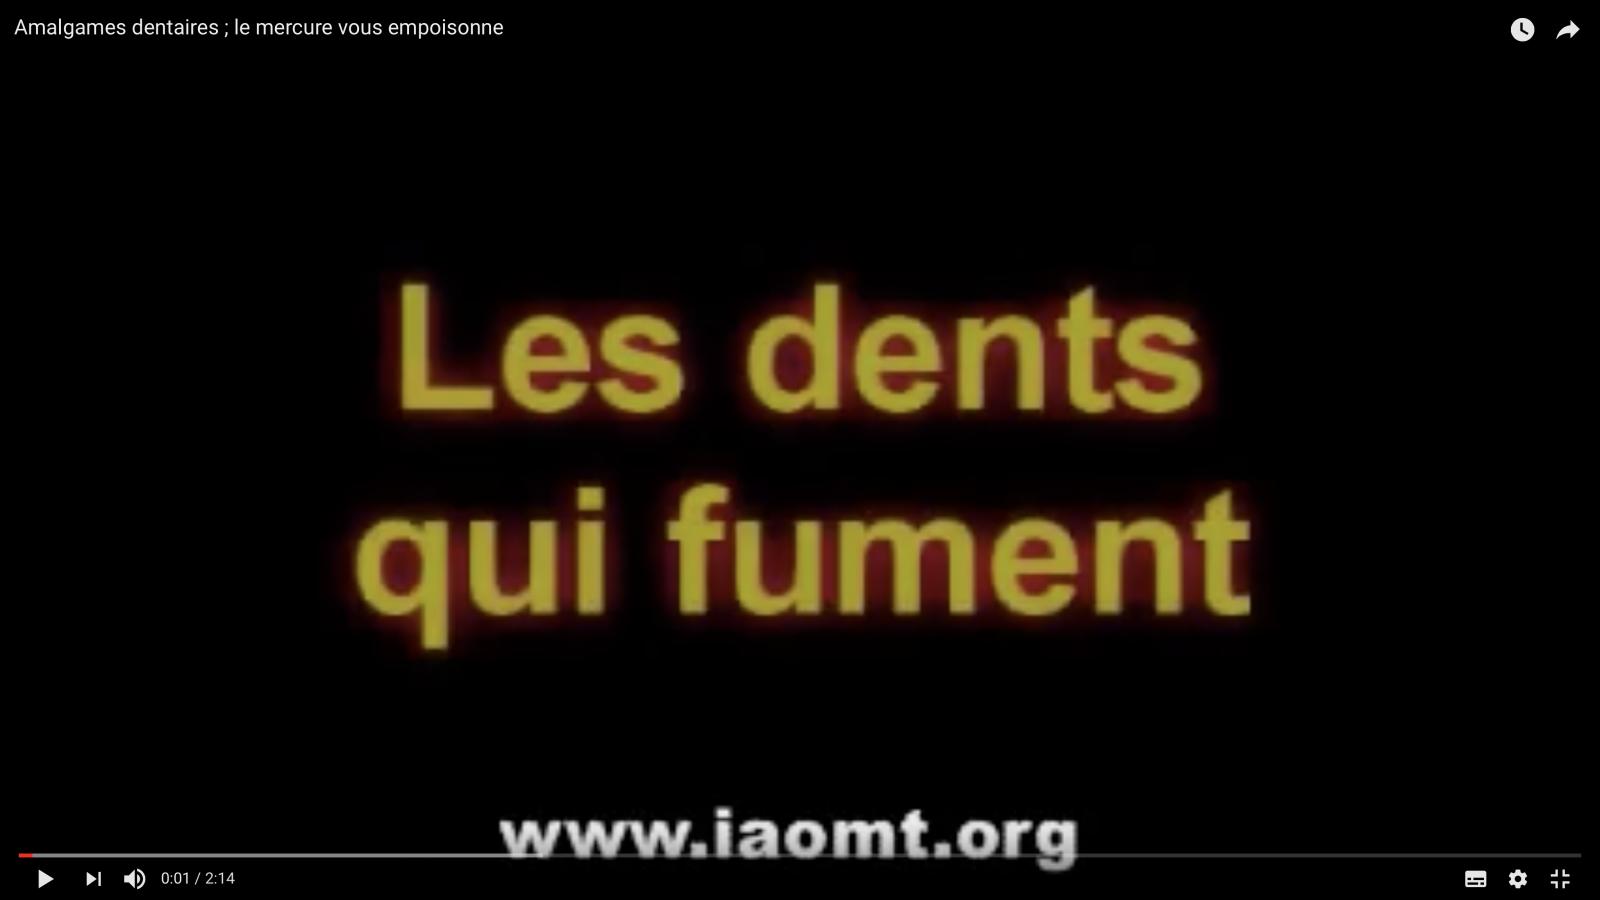 L'IAOMT, association internationale de chirurgiens dentistes conscients de la toxicité des amalgames dentaire www.iaomt.org